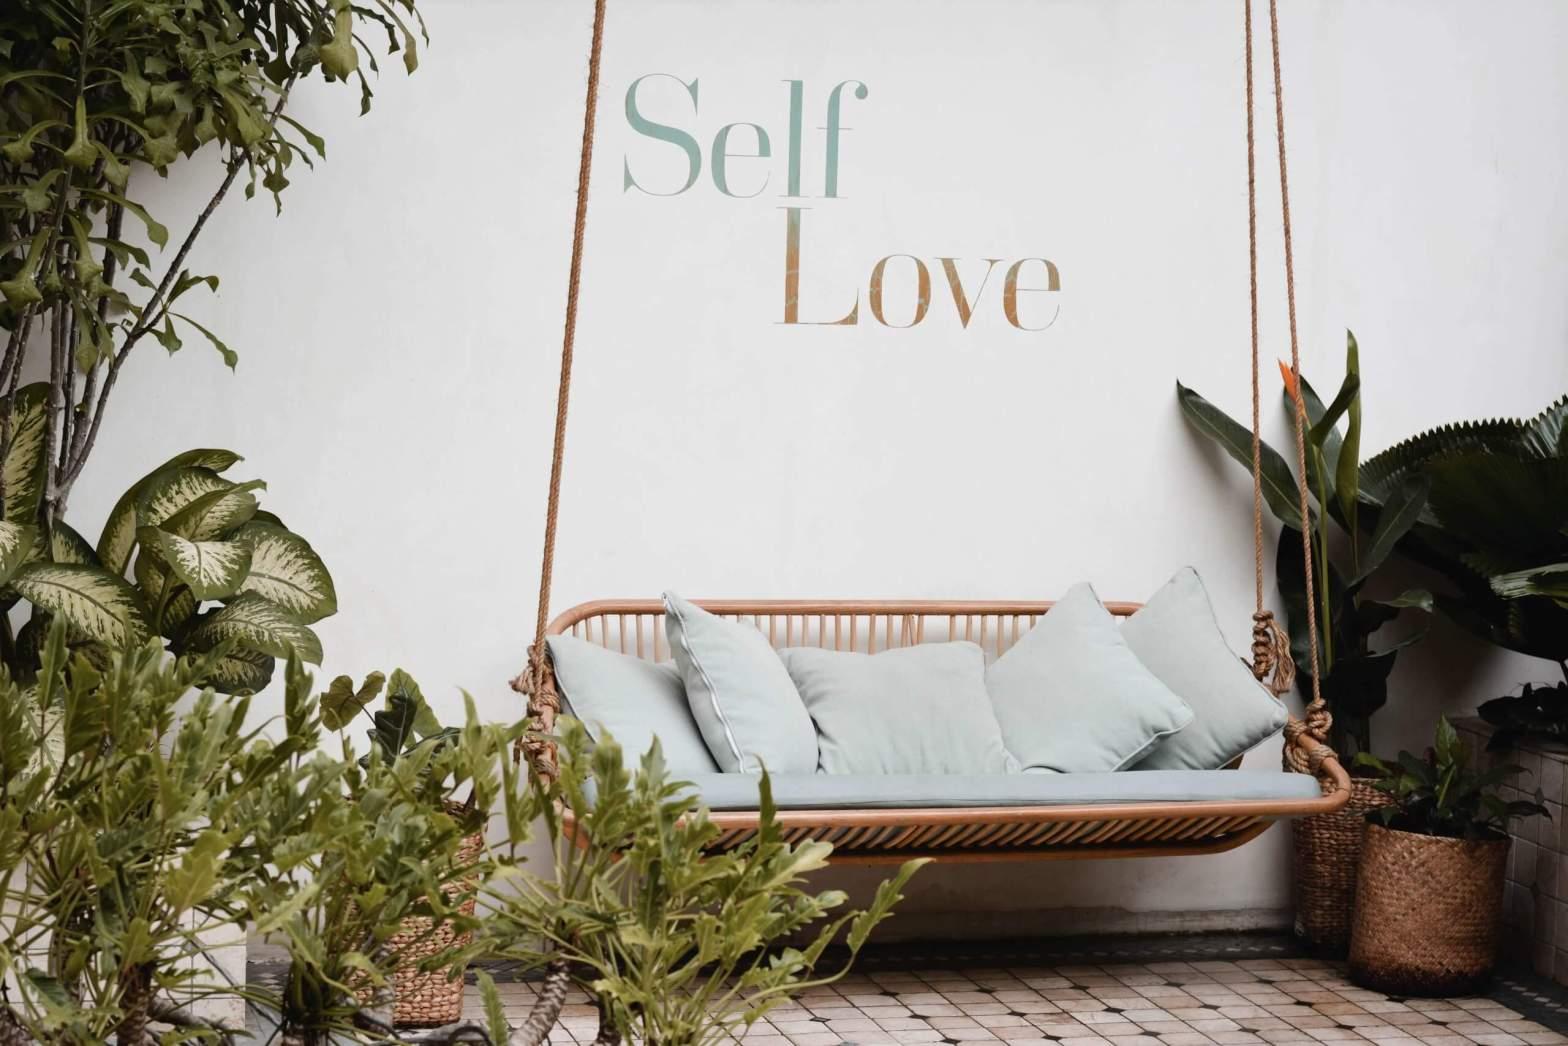 Autocompassion, bienveillance, bienveillance envers soi-même, amour, self)love, respect, développement personnel, acceptation,